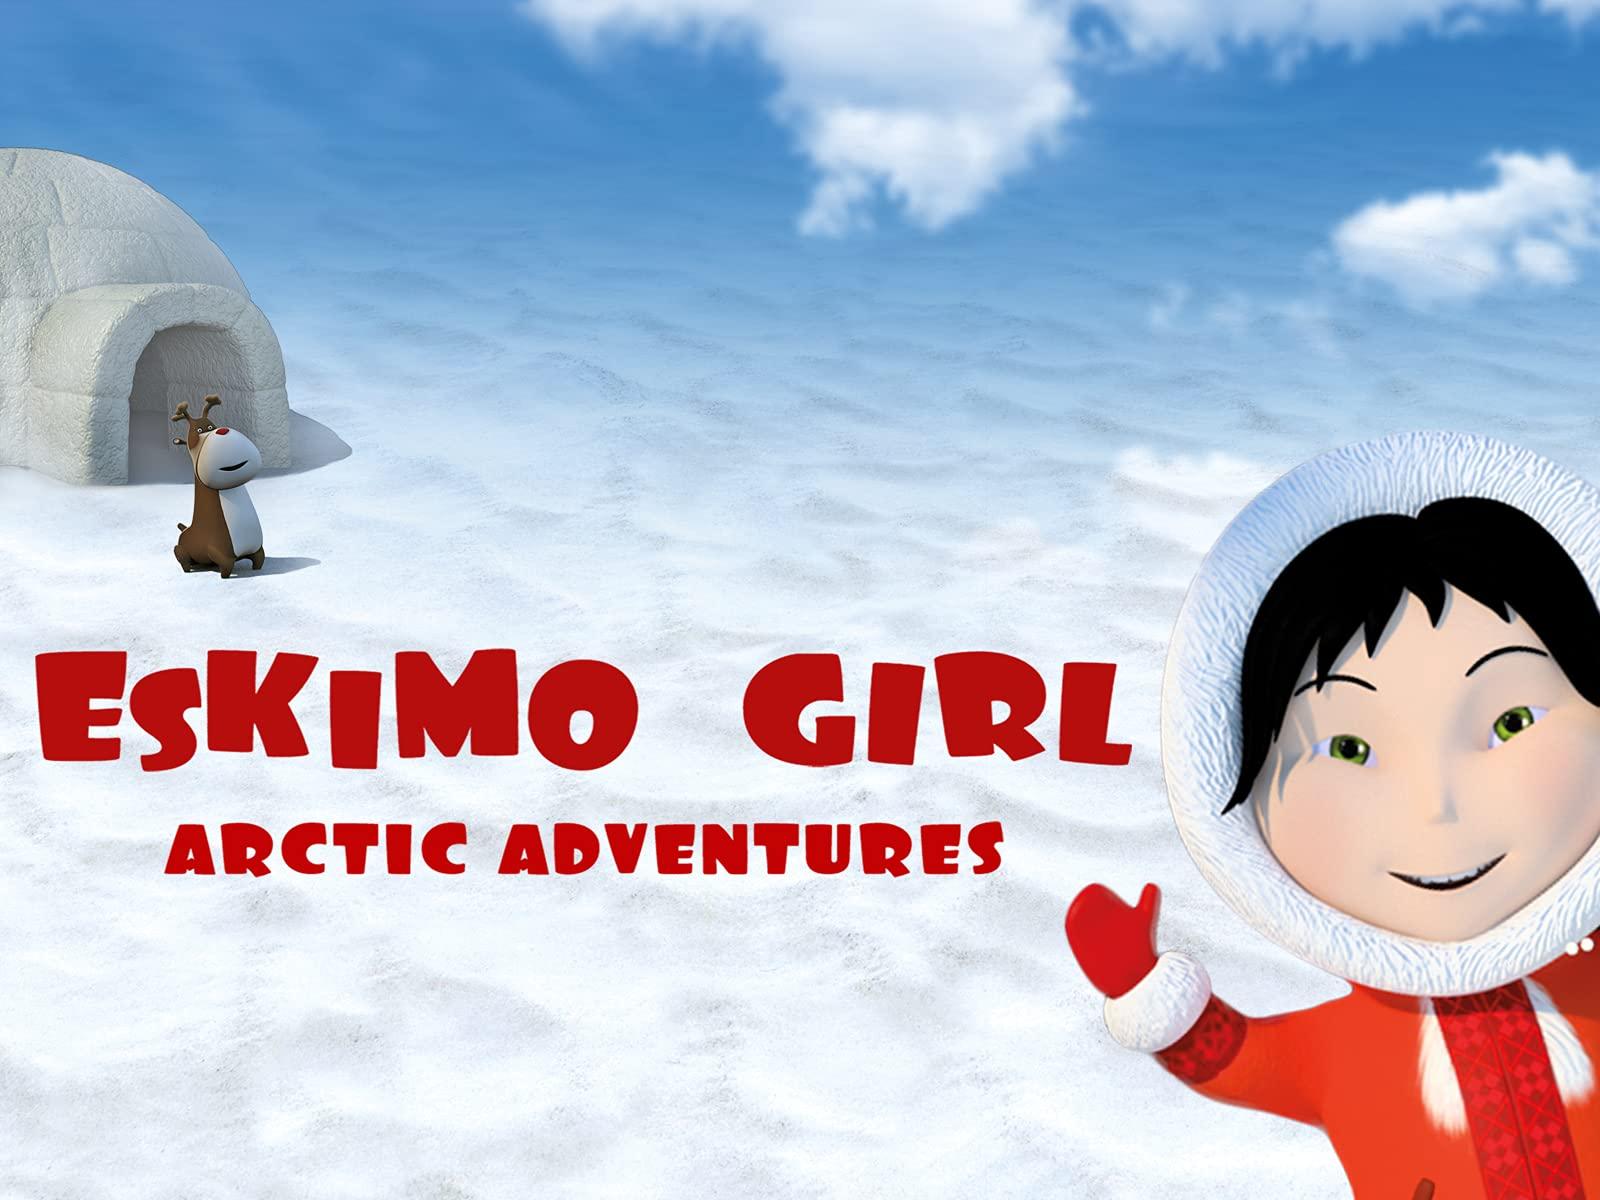 Eskimo GIrl - Season 2